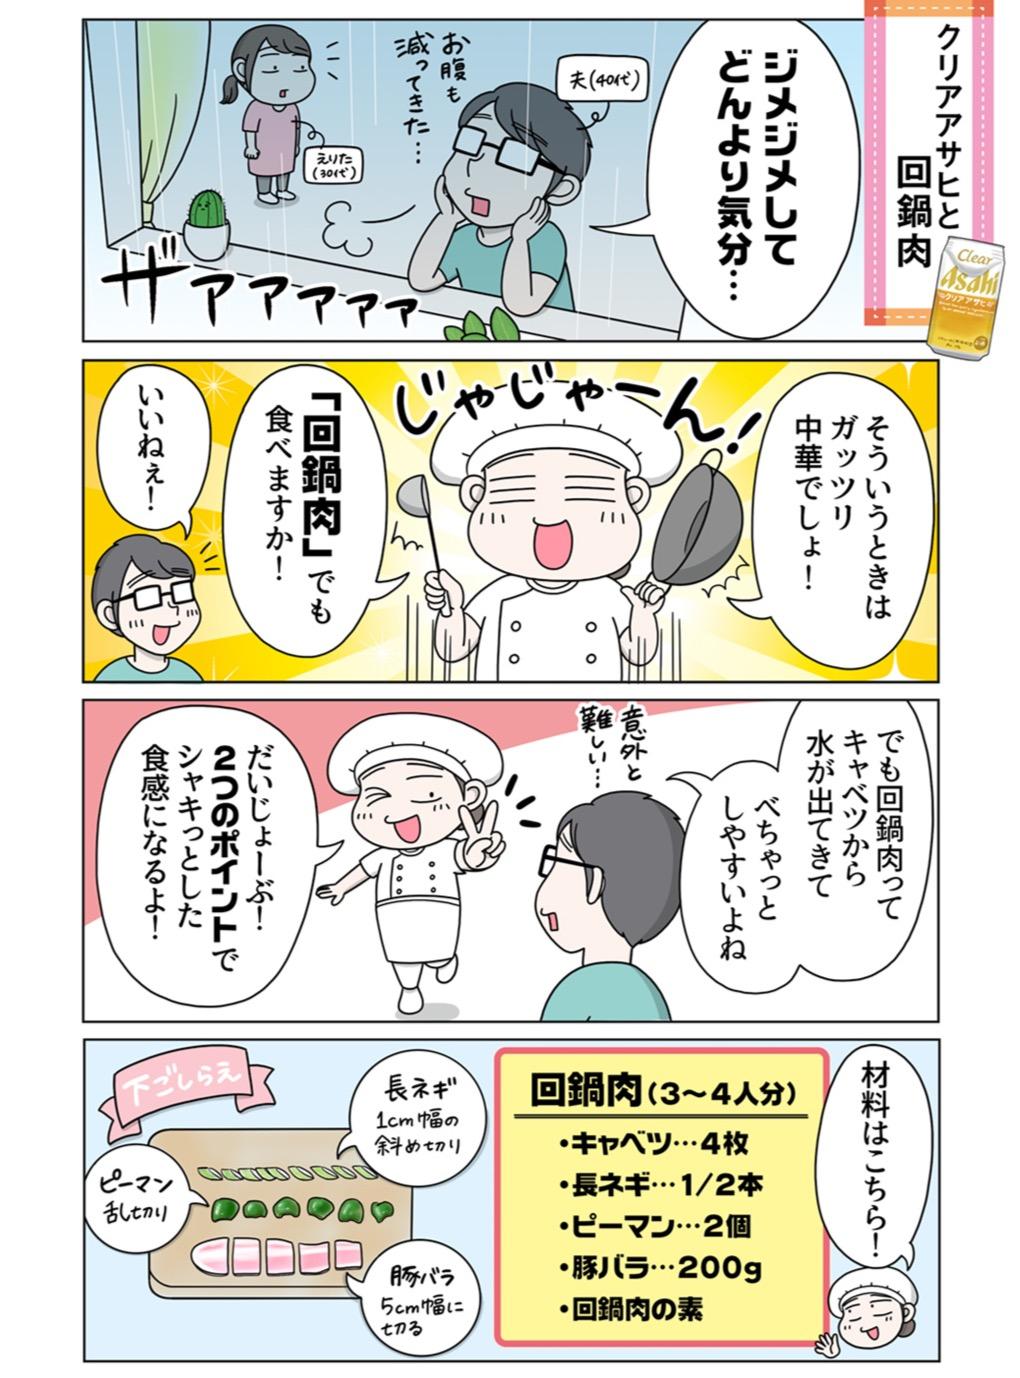 クリアアサヒPR漫画02